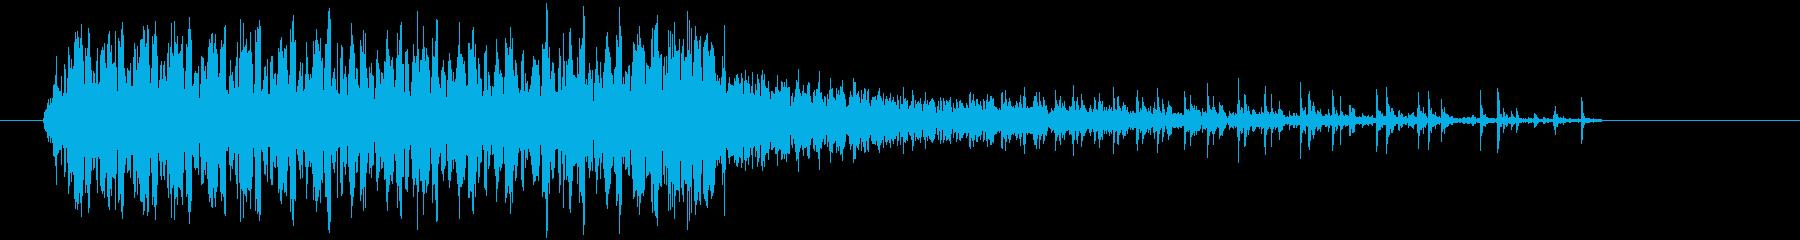 ブルサード:アイドル/オフインテリ...の再生済みの波形